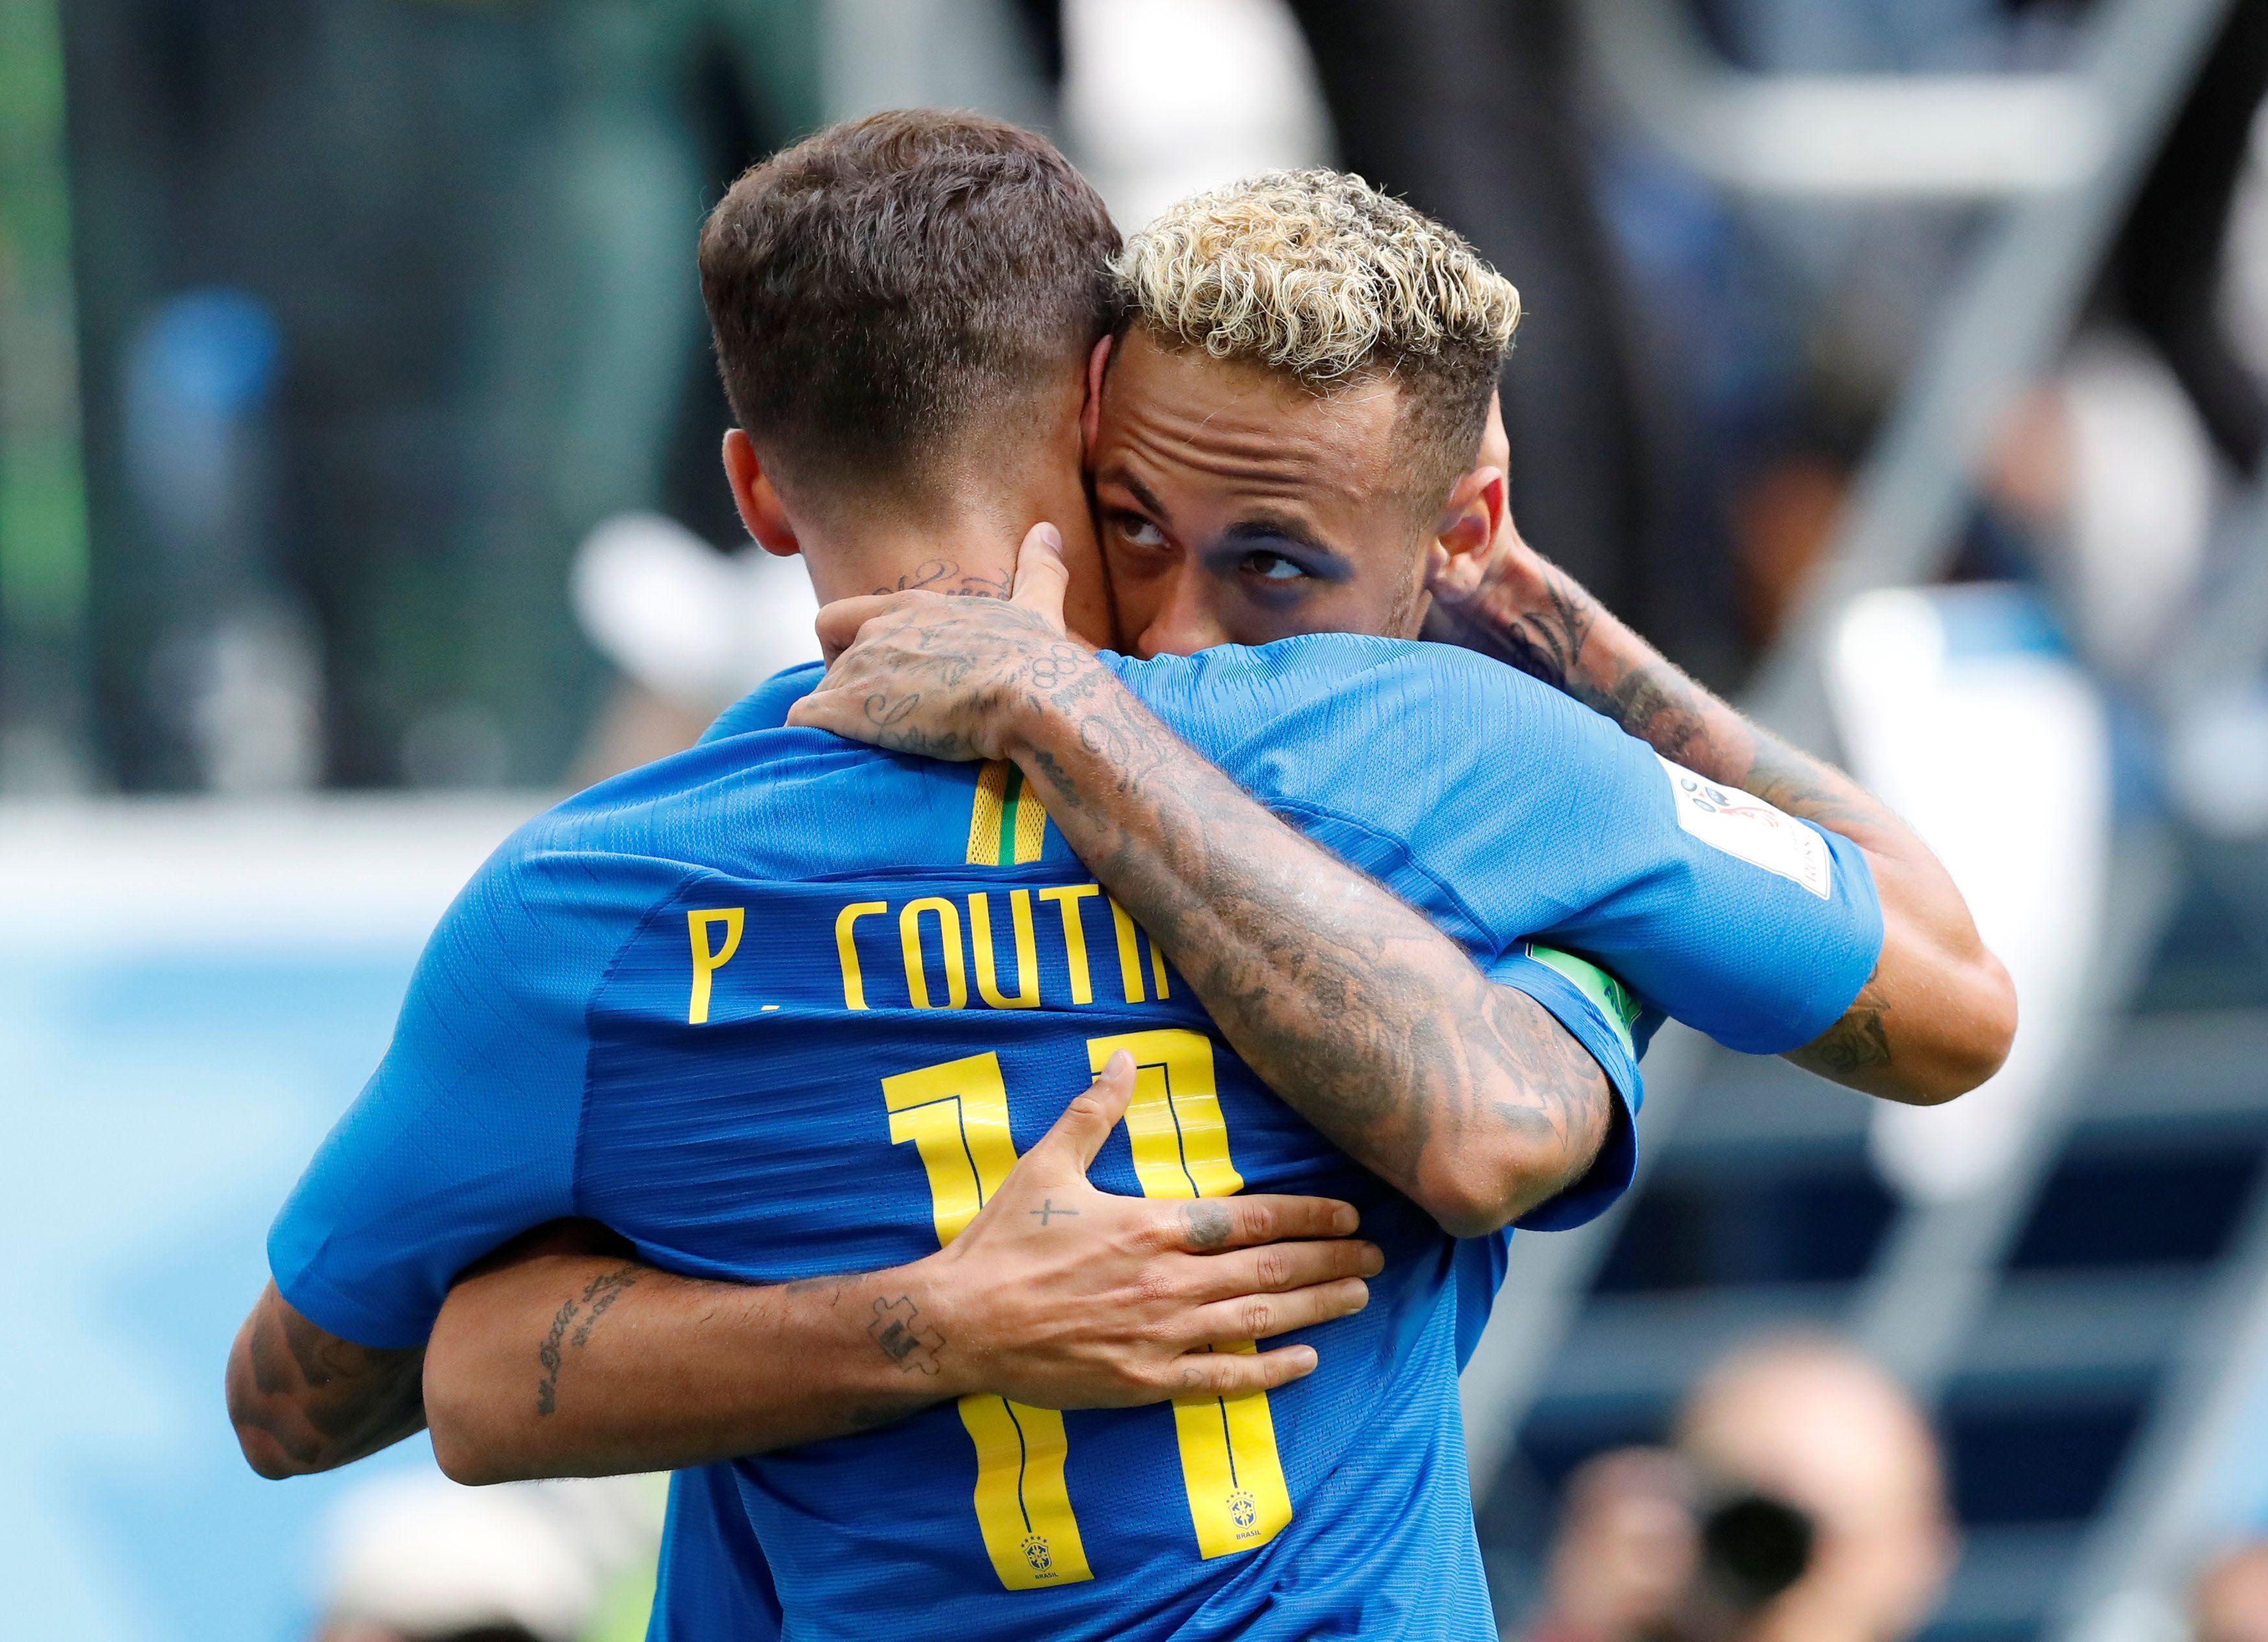 Football - Transferts - PSG : Neymar à Barcelone, ça chauffe